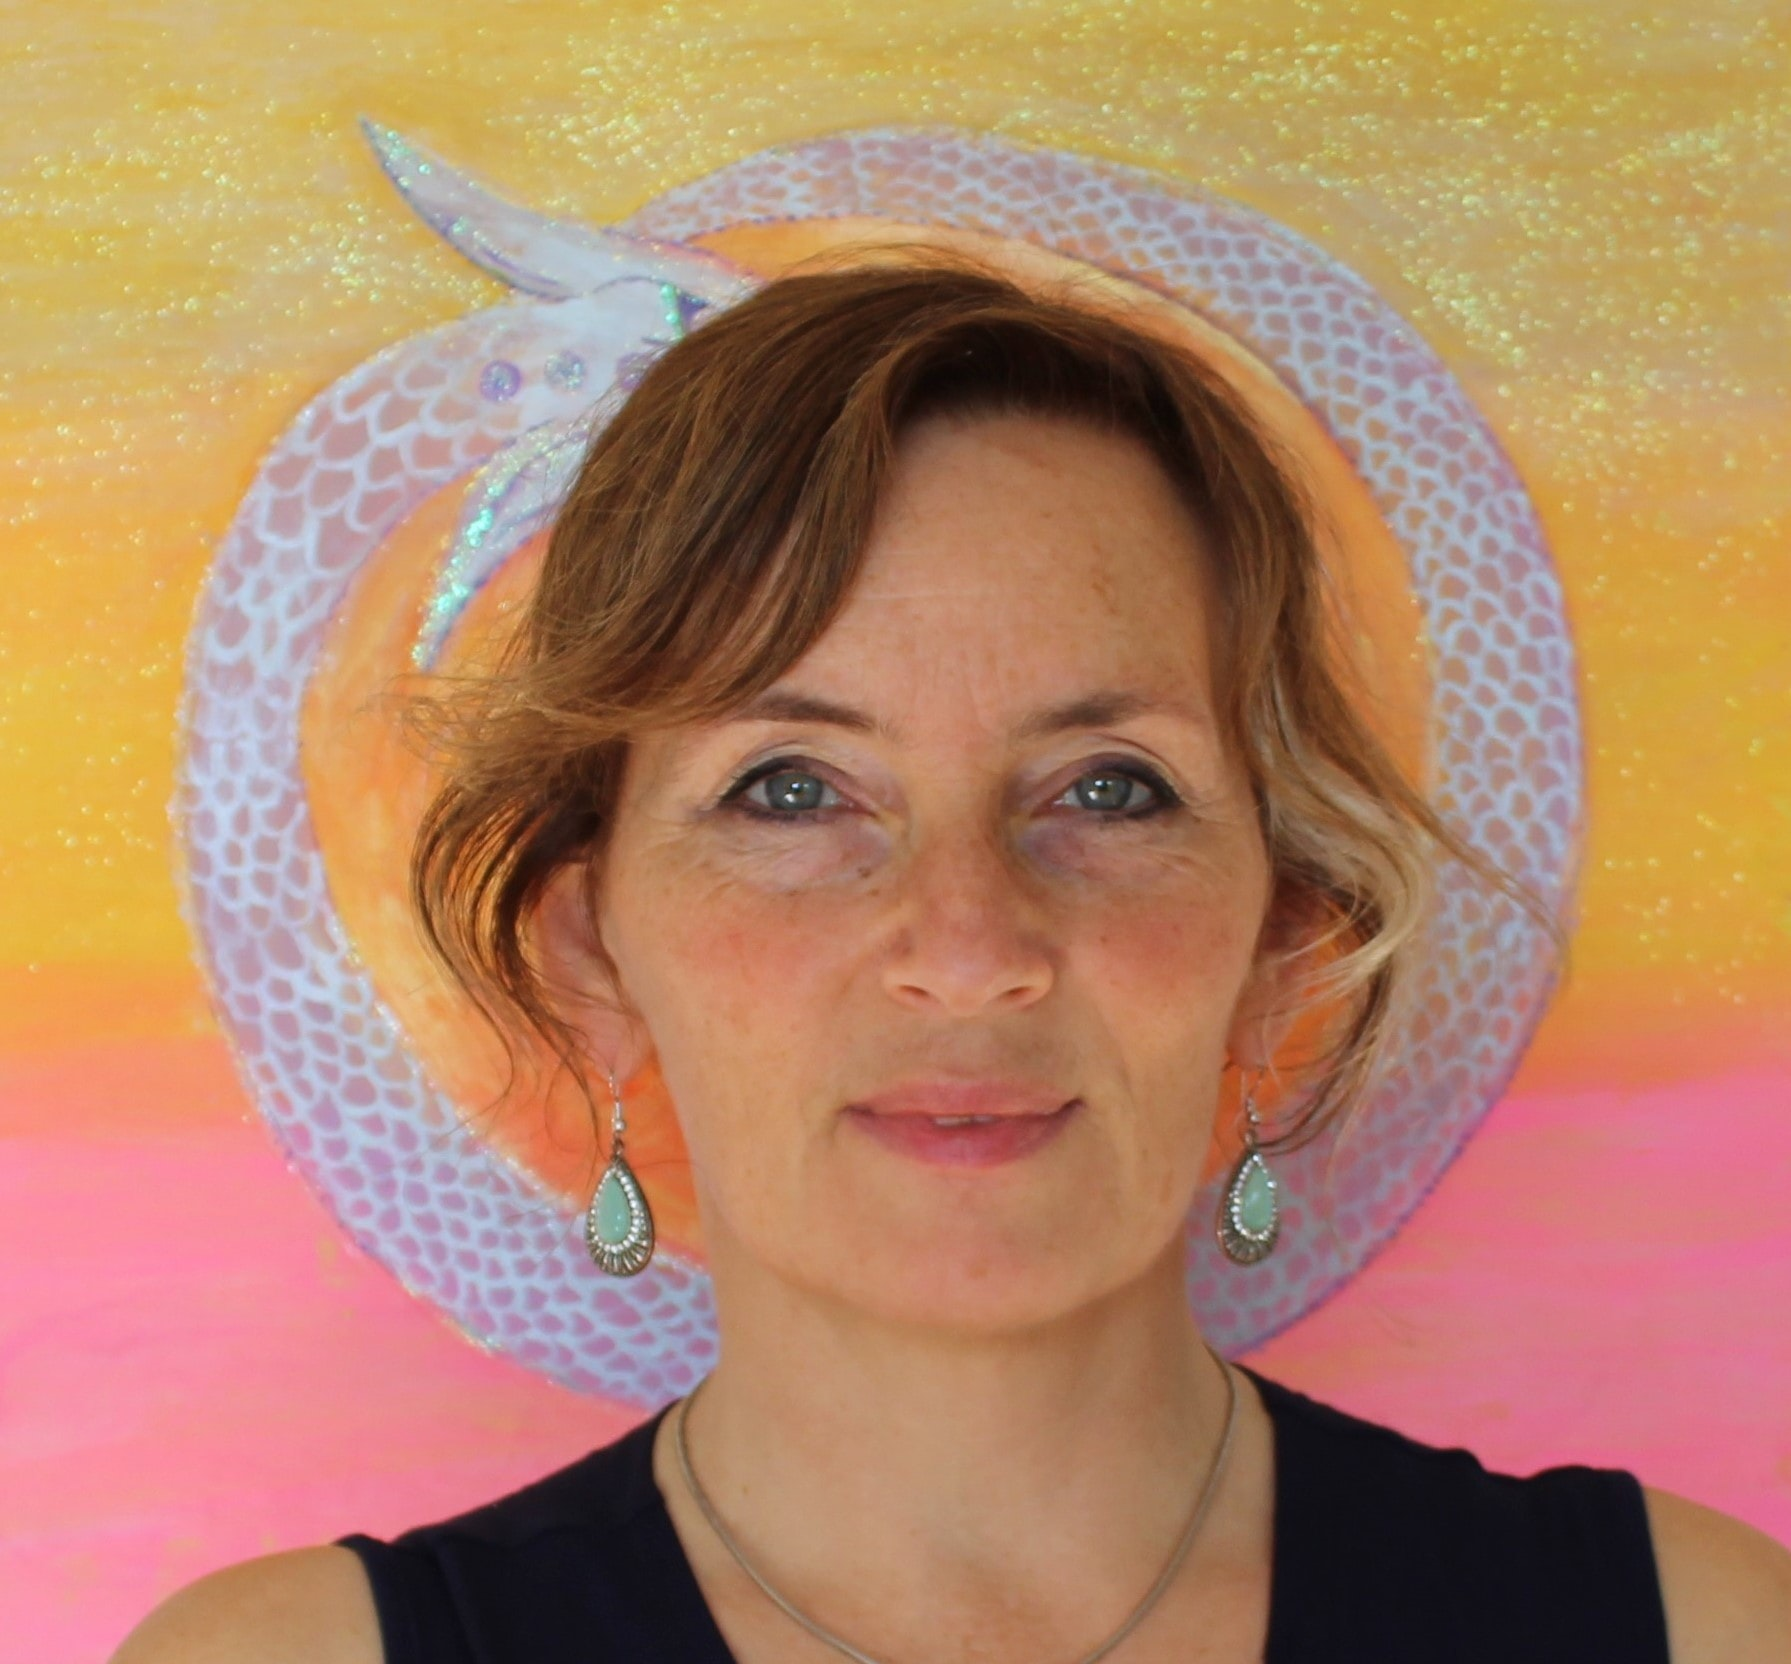 Go to Gina Schofield's profile